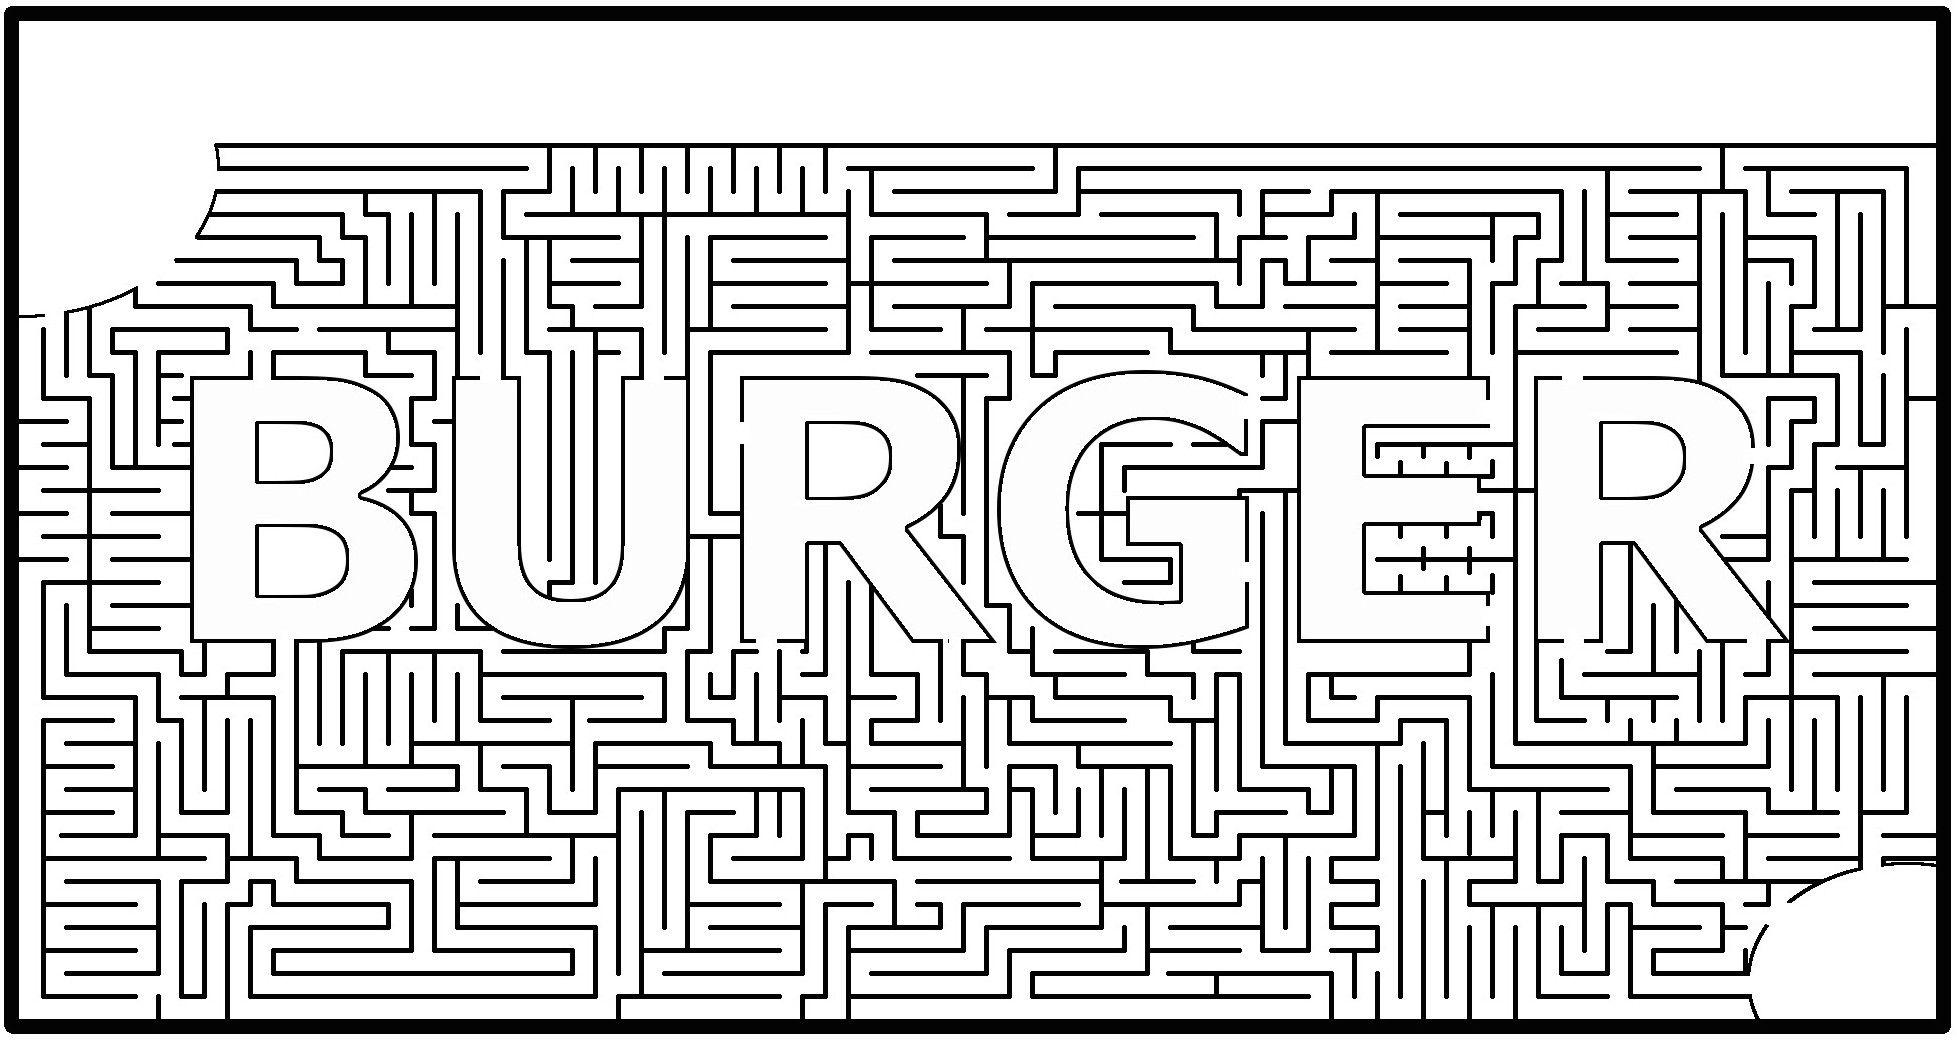 Logic Puzzle Maze Worksheet